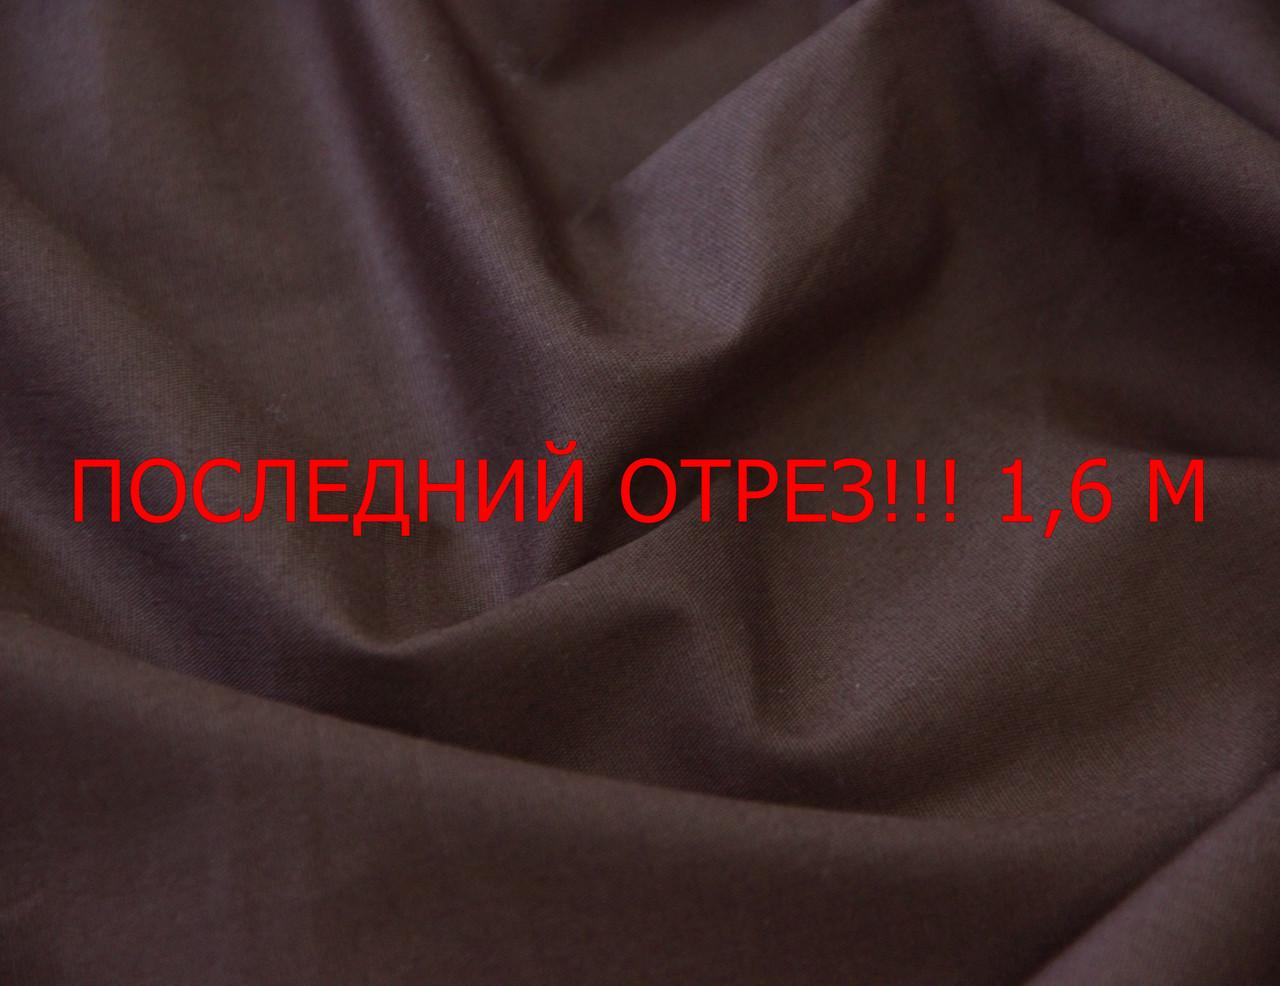 Последний отрез 1,6м. Рубашечная ткань итальянская хлопковая с эластаном однотонная коричневого цвета Z 17